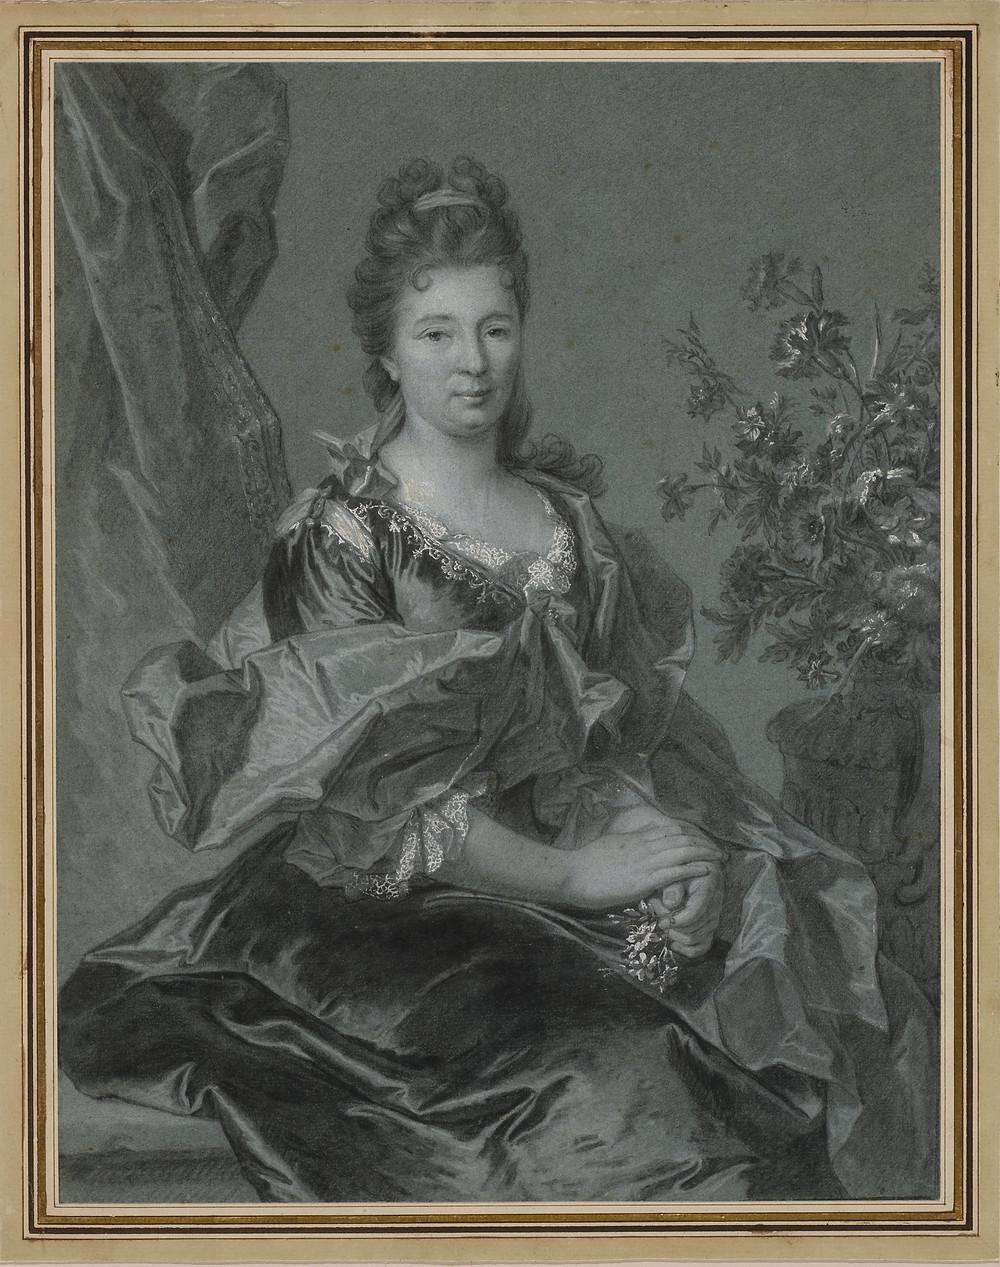 Hyacinthe Rigaud avec la collaboration de Charles Viennot, Portrait d'une femme inconnue, après1699,États-Unis, Boston, coll. Jeffrey E. Horvitz,inv. D-F-260/1.1993.152